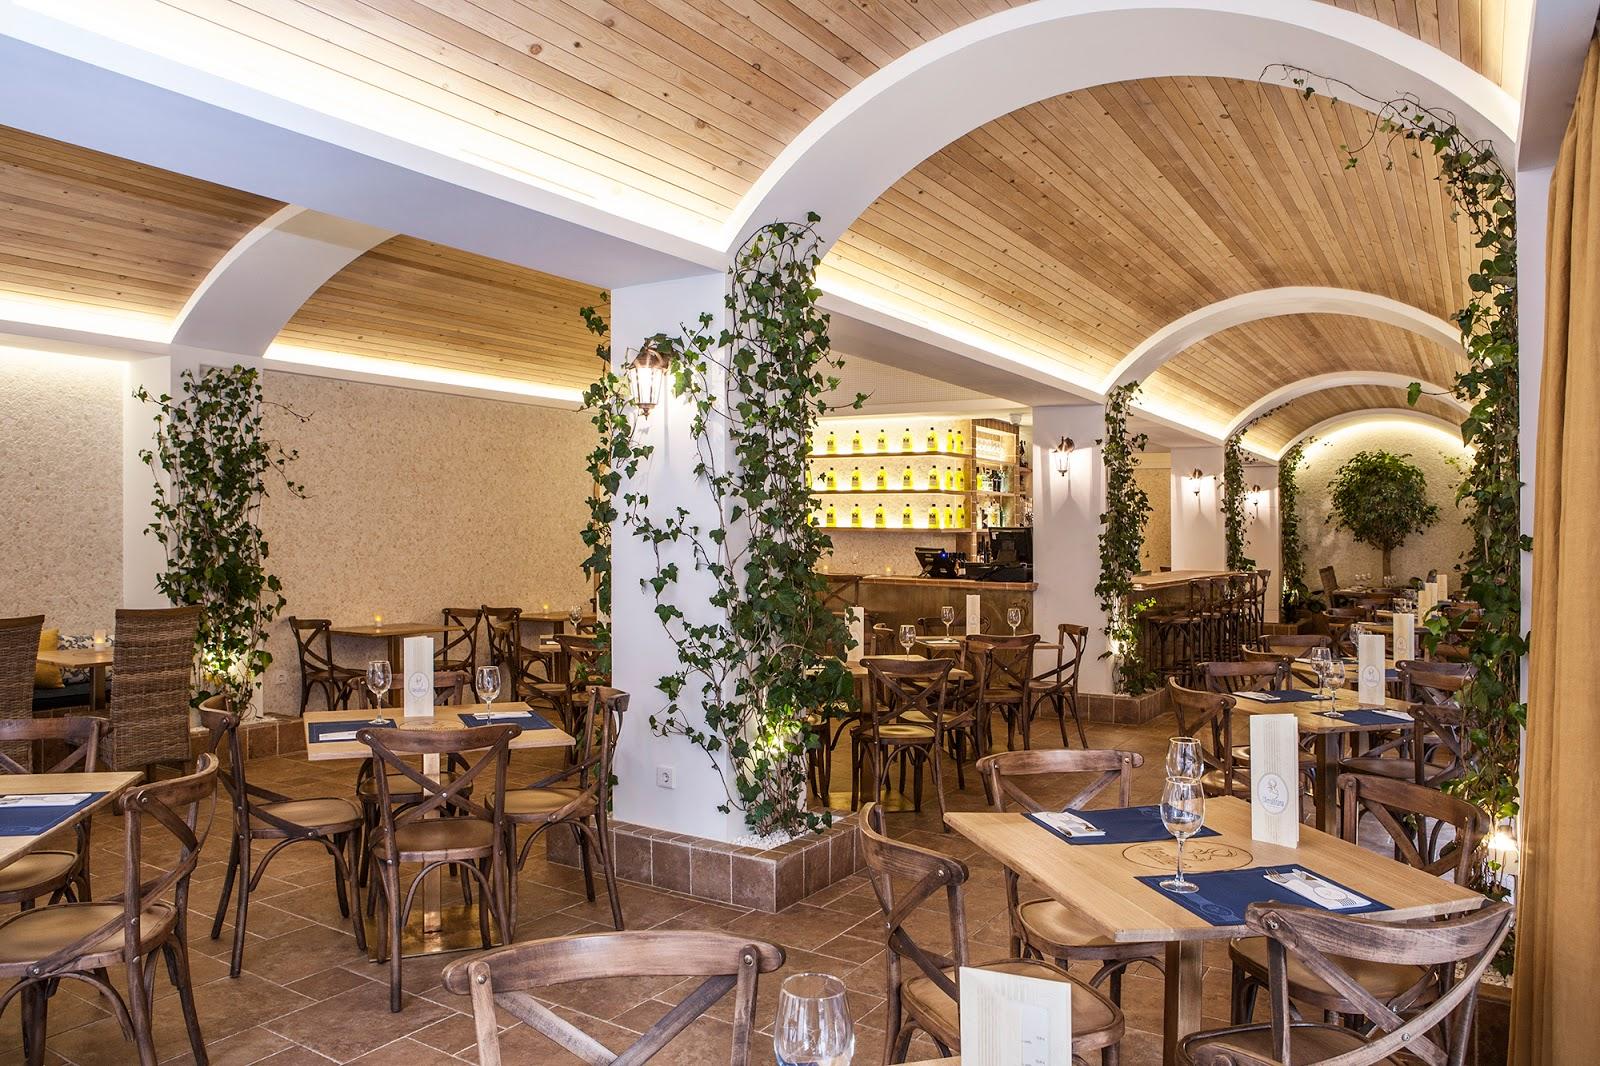 Restaurante l amalfitana barea partners blog - Enredaderas de interior ...